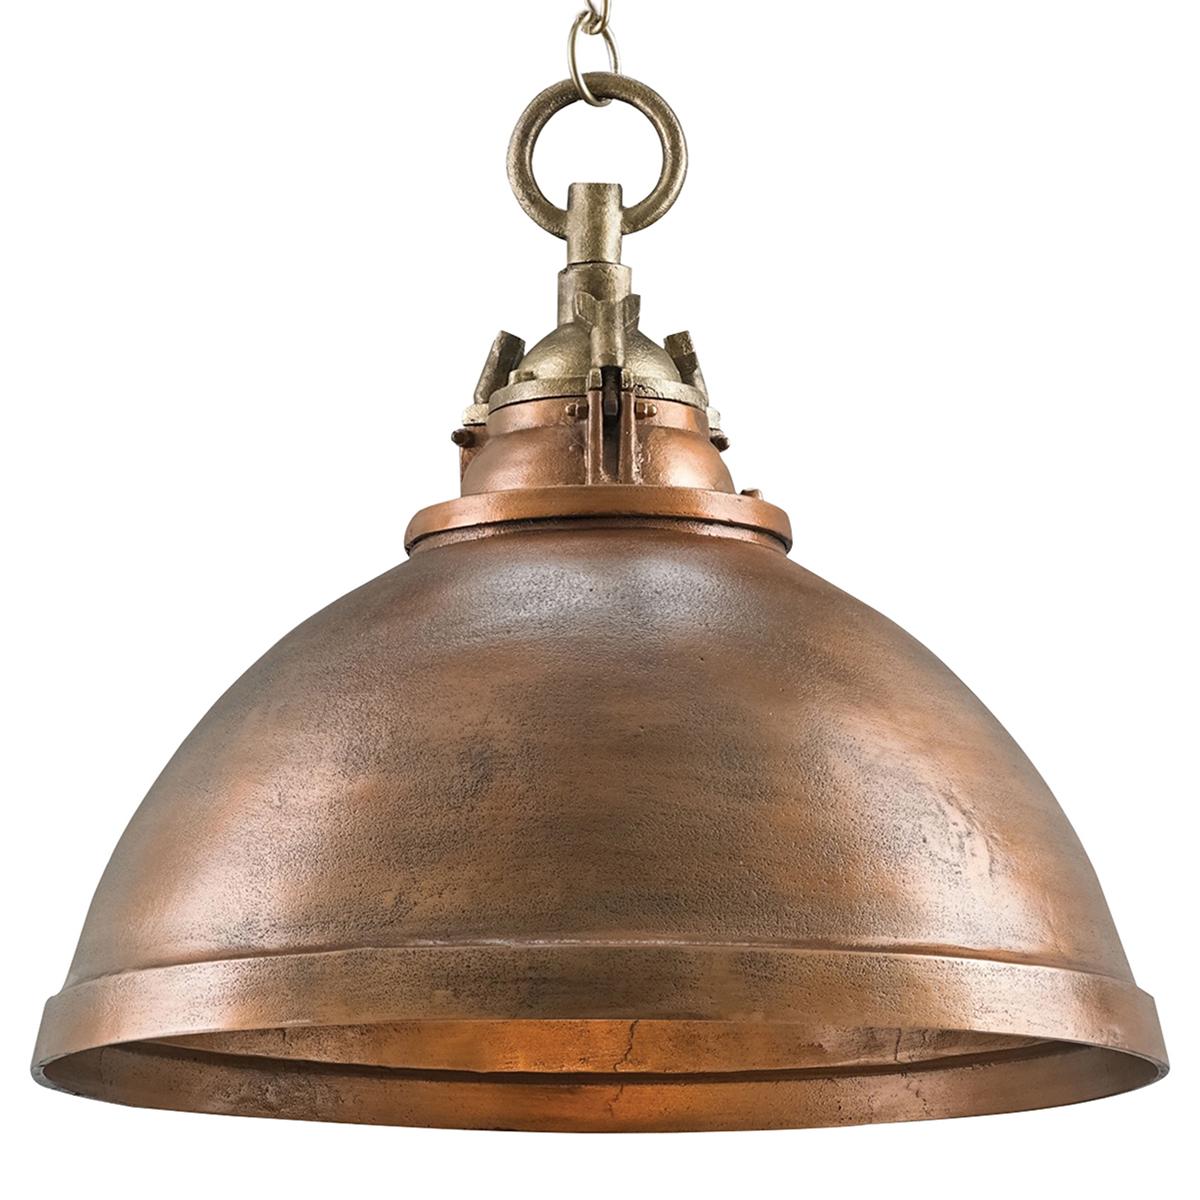 Finola Coastal Beach Rustic Copper Dome Pendant